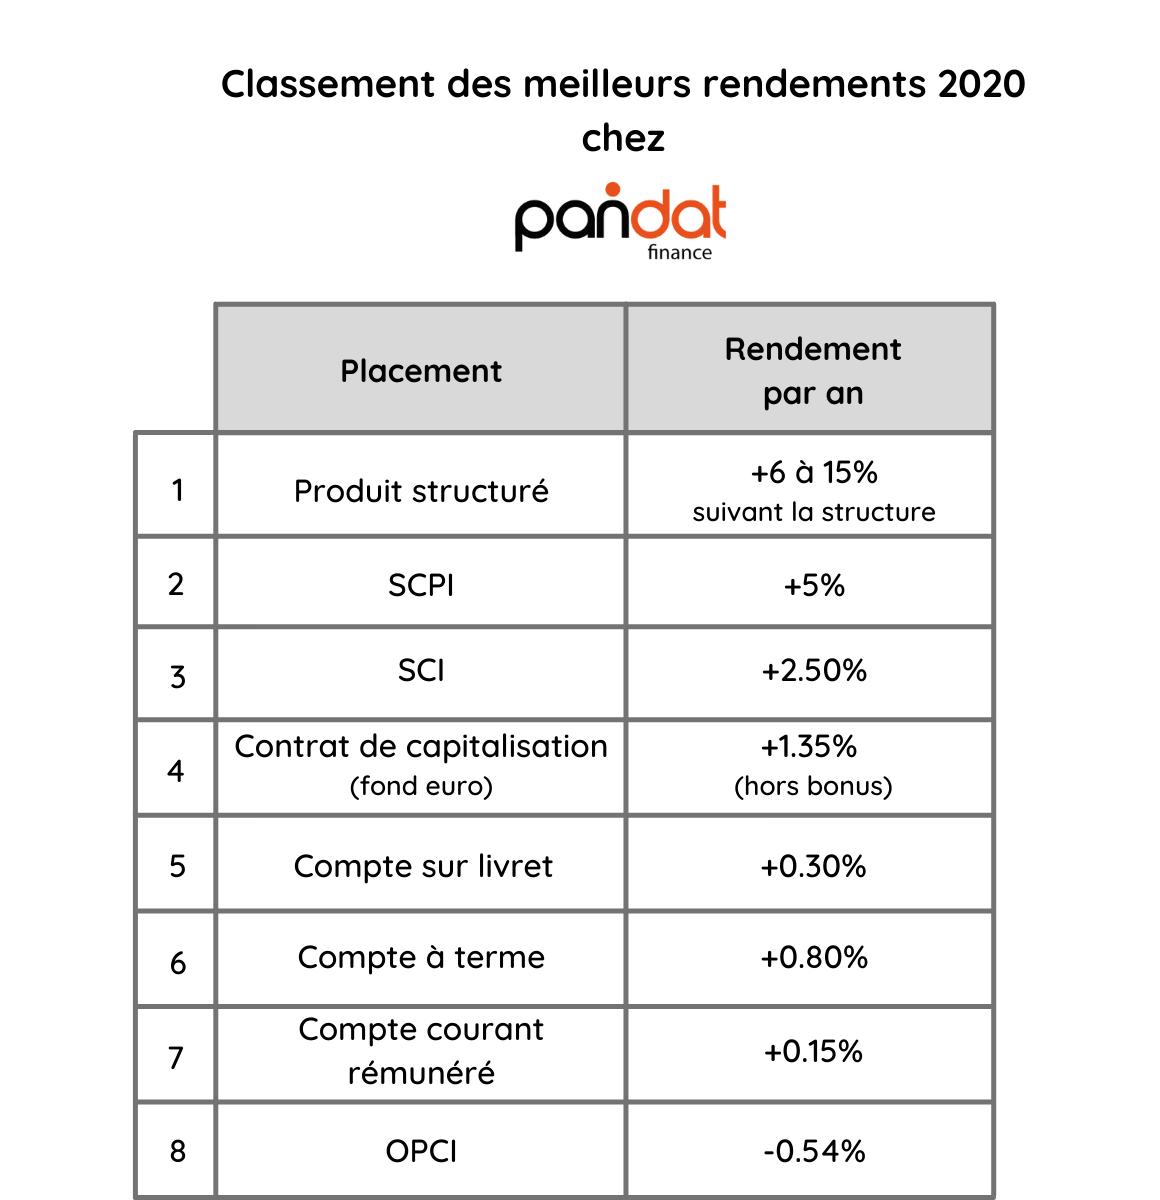 Classement des meilleurs rendements en 2020